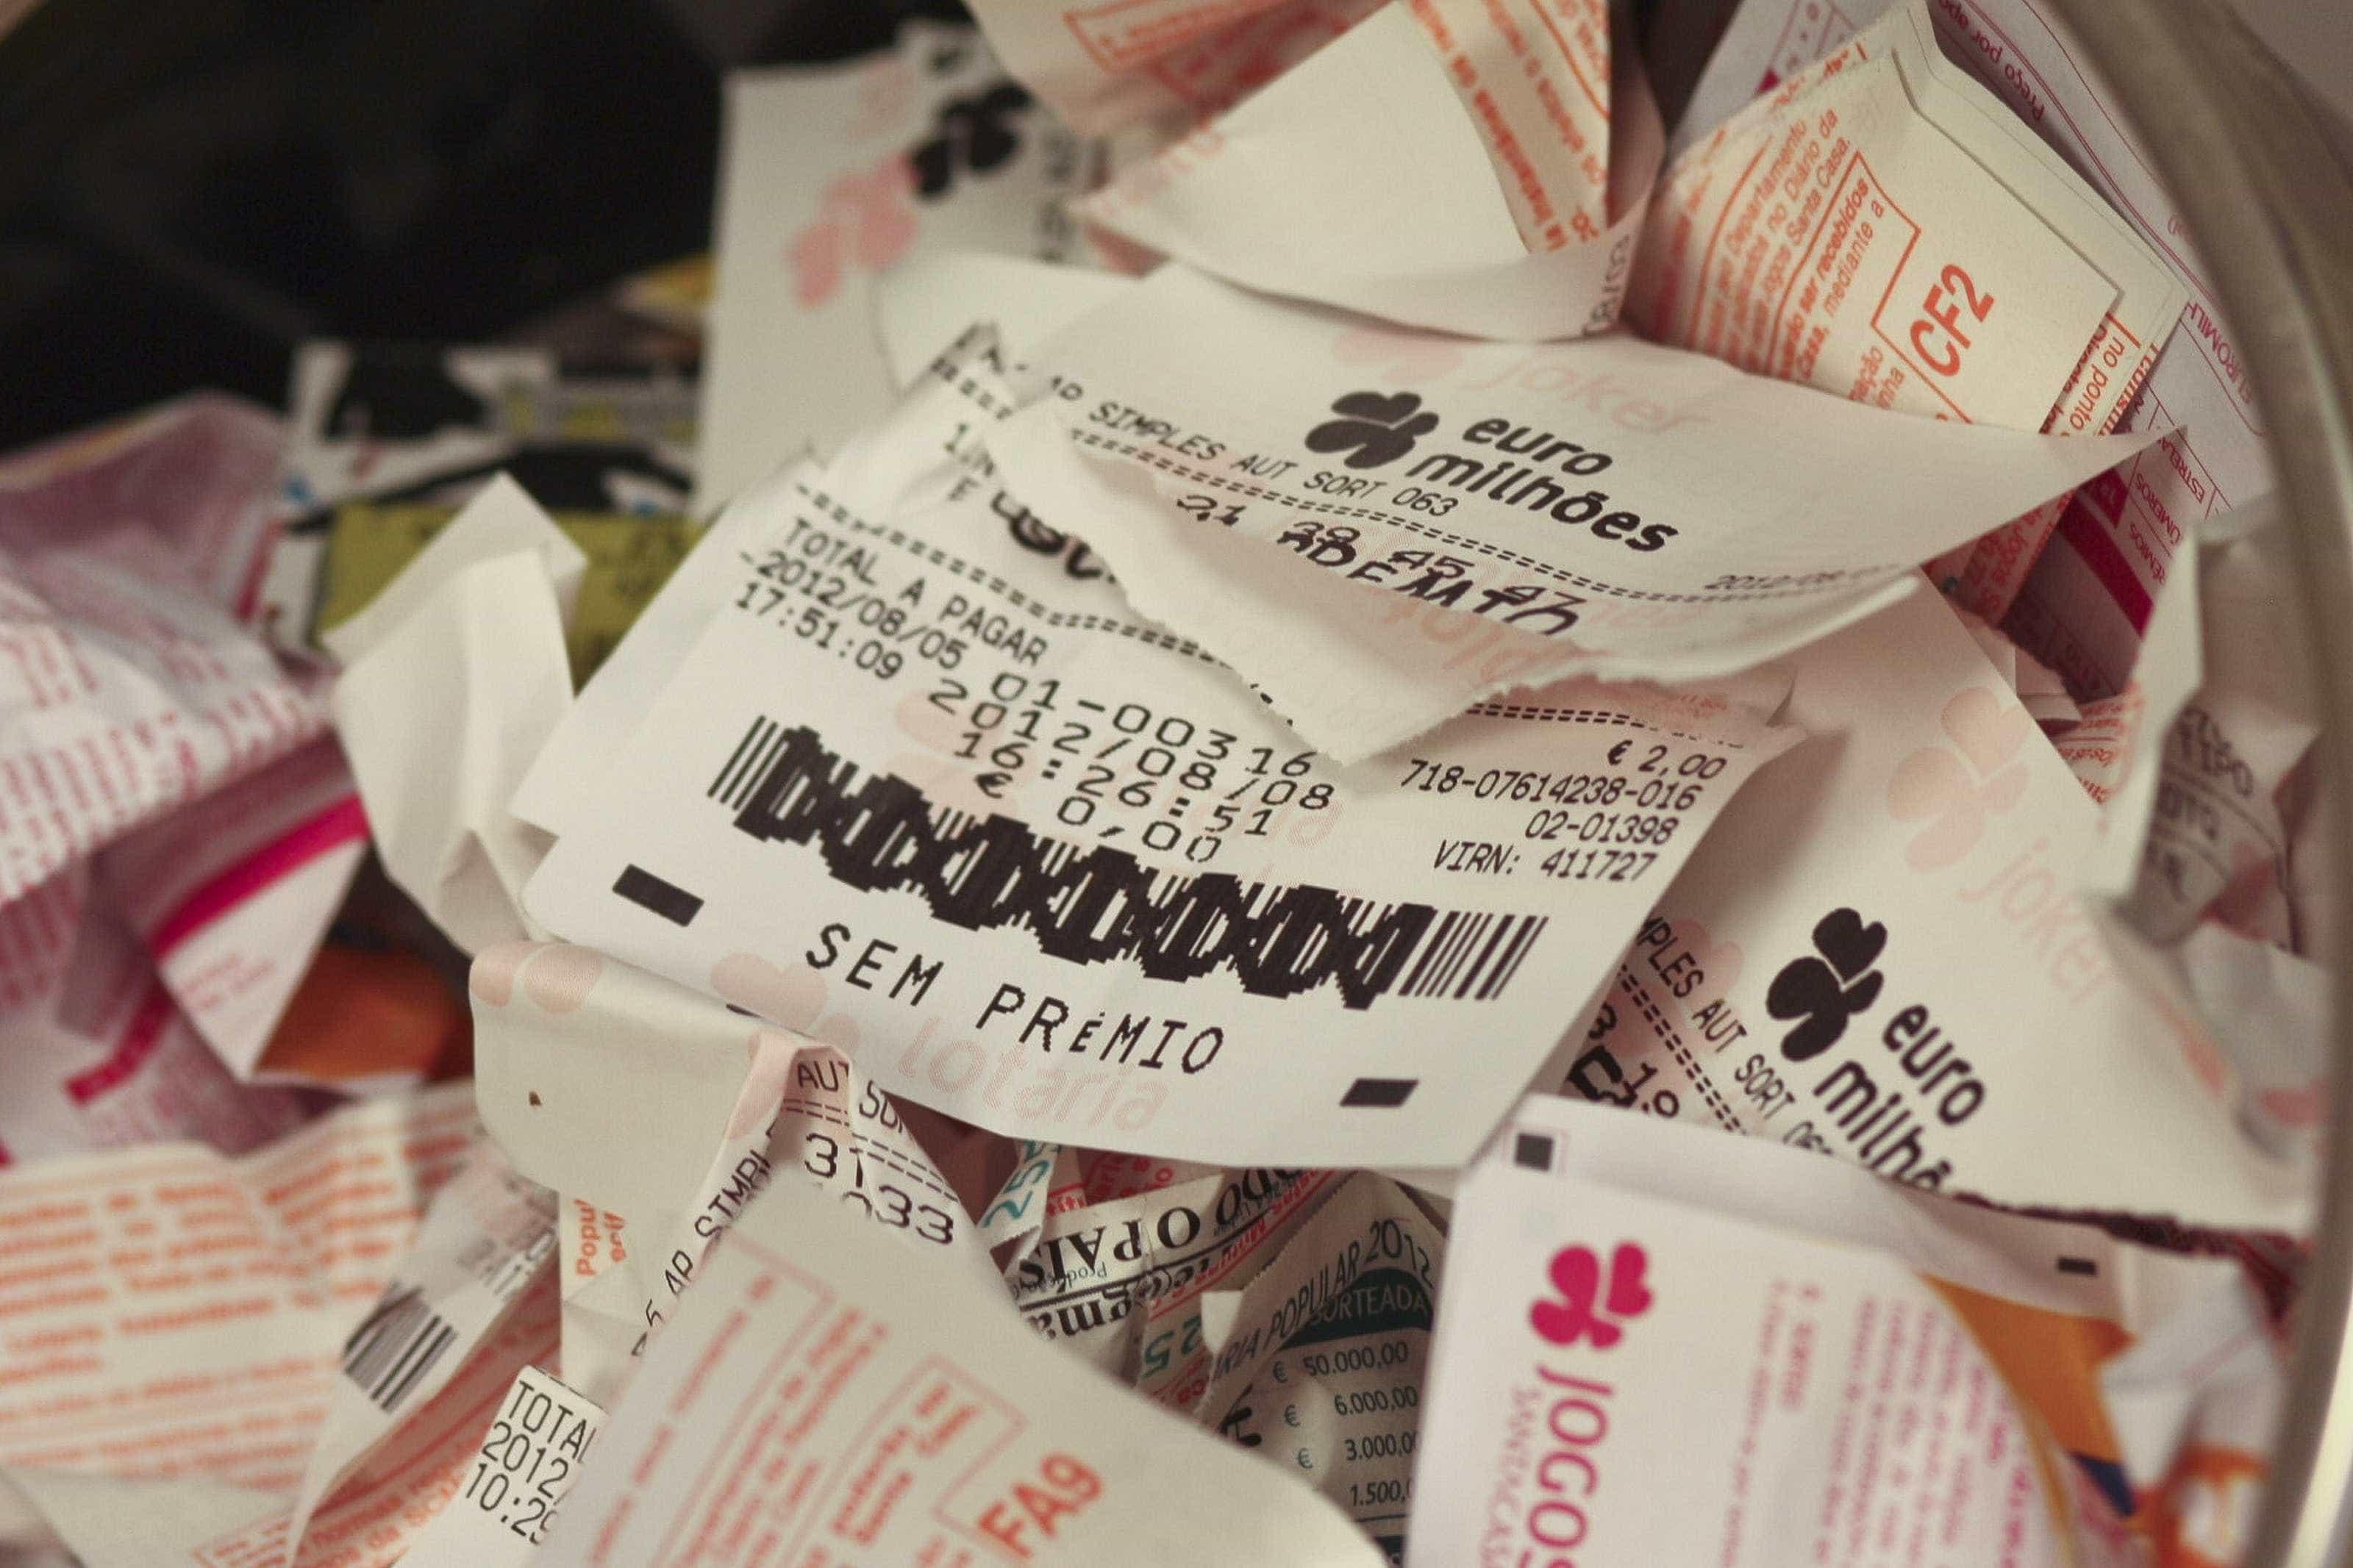 'Jackpot' de 84 milhões de euros no próximo sorteio do Euromilhões